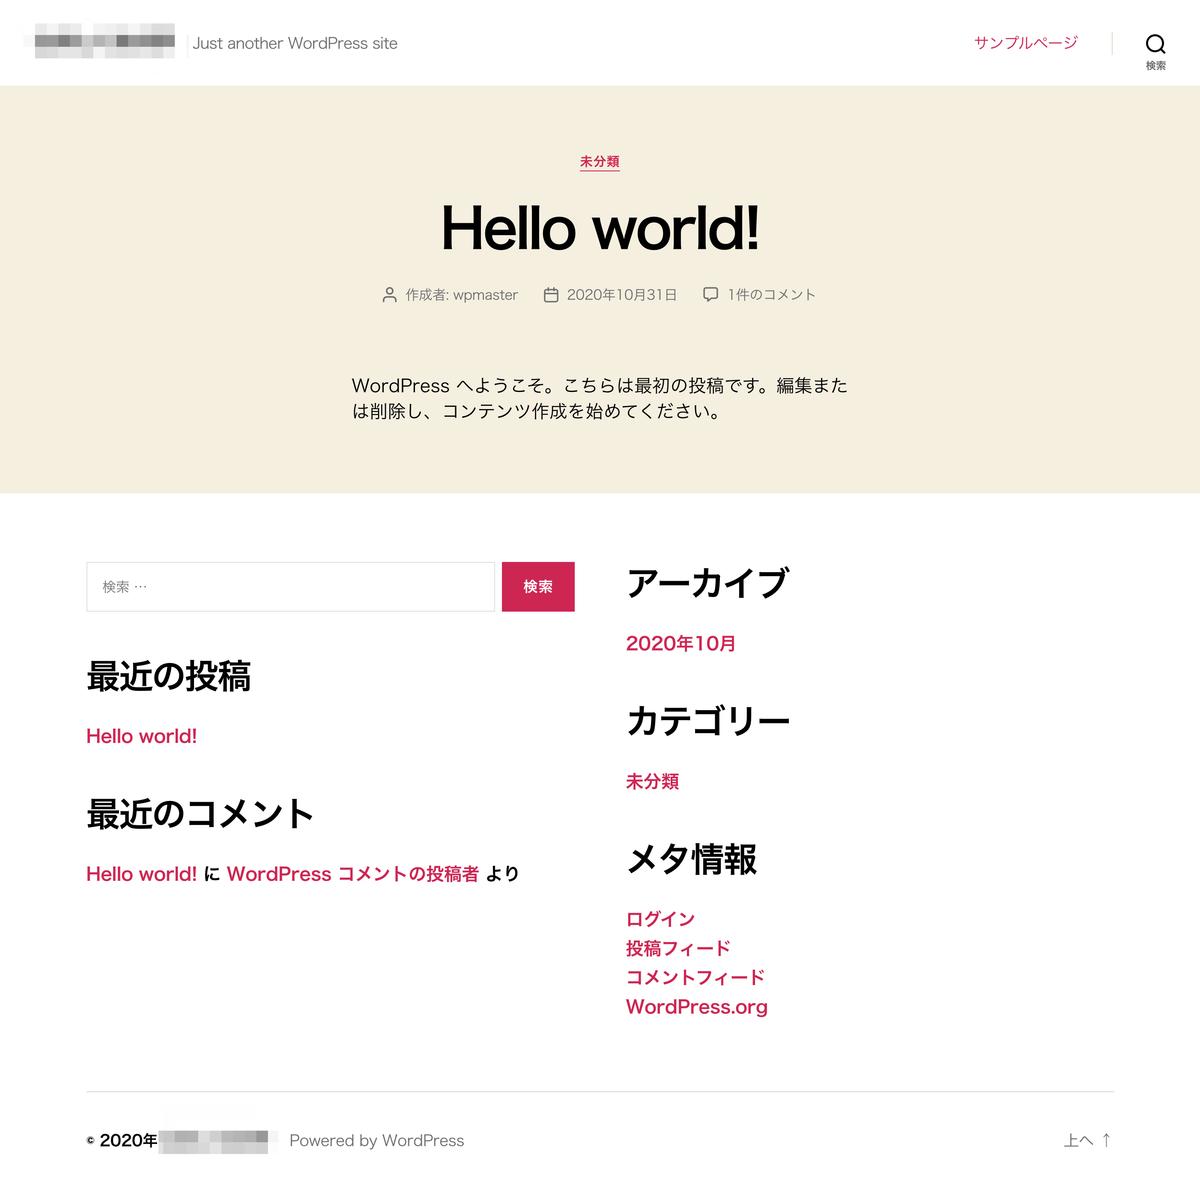 f:id:sakura_bird1:20201114182048p:plain